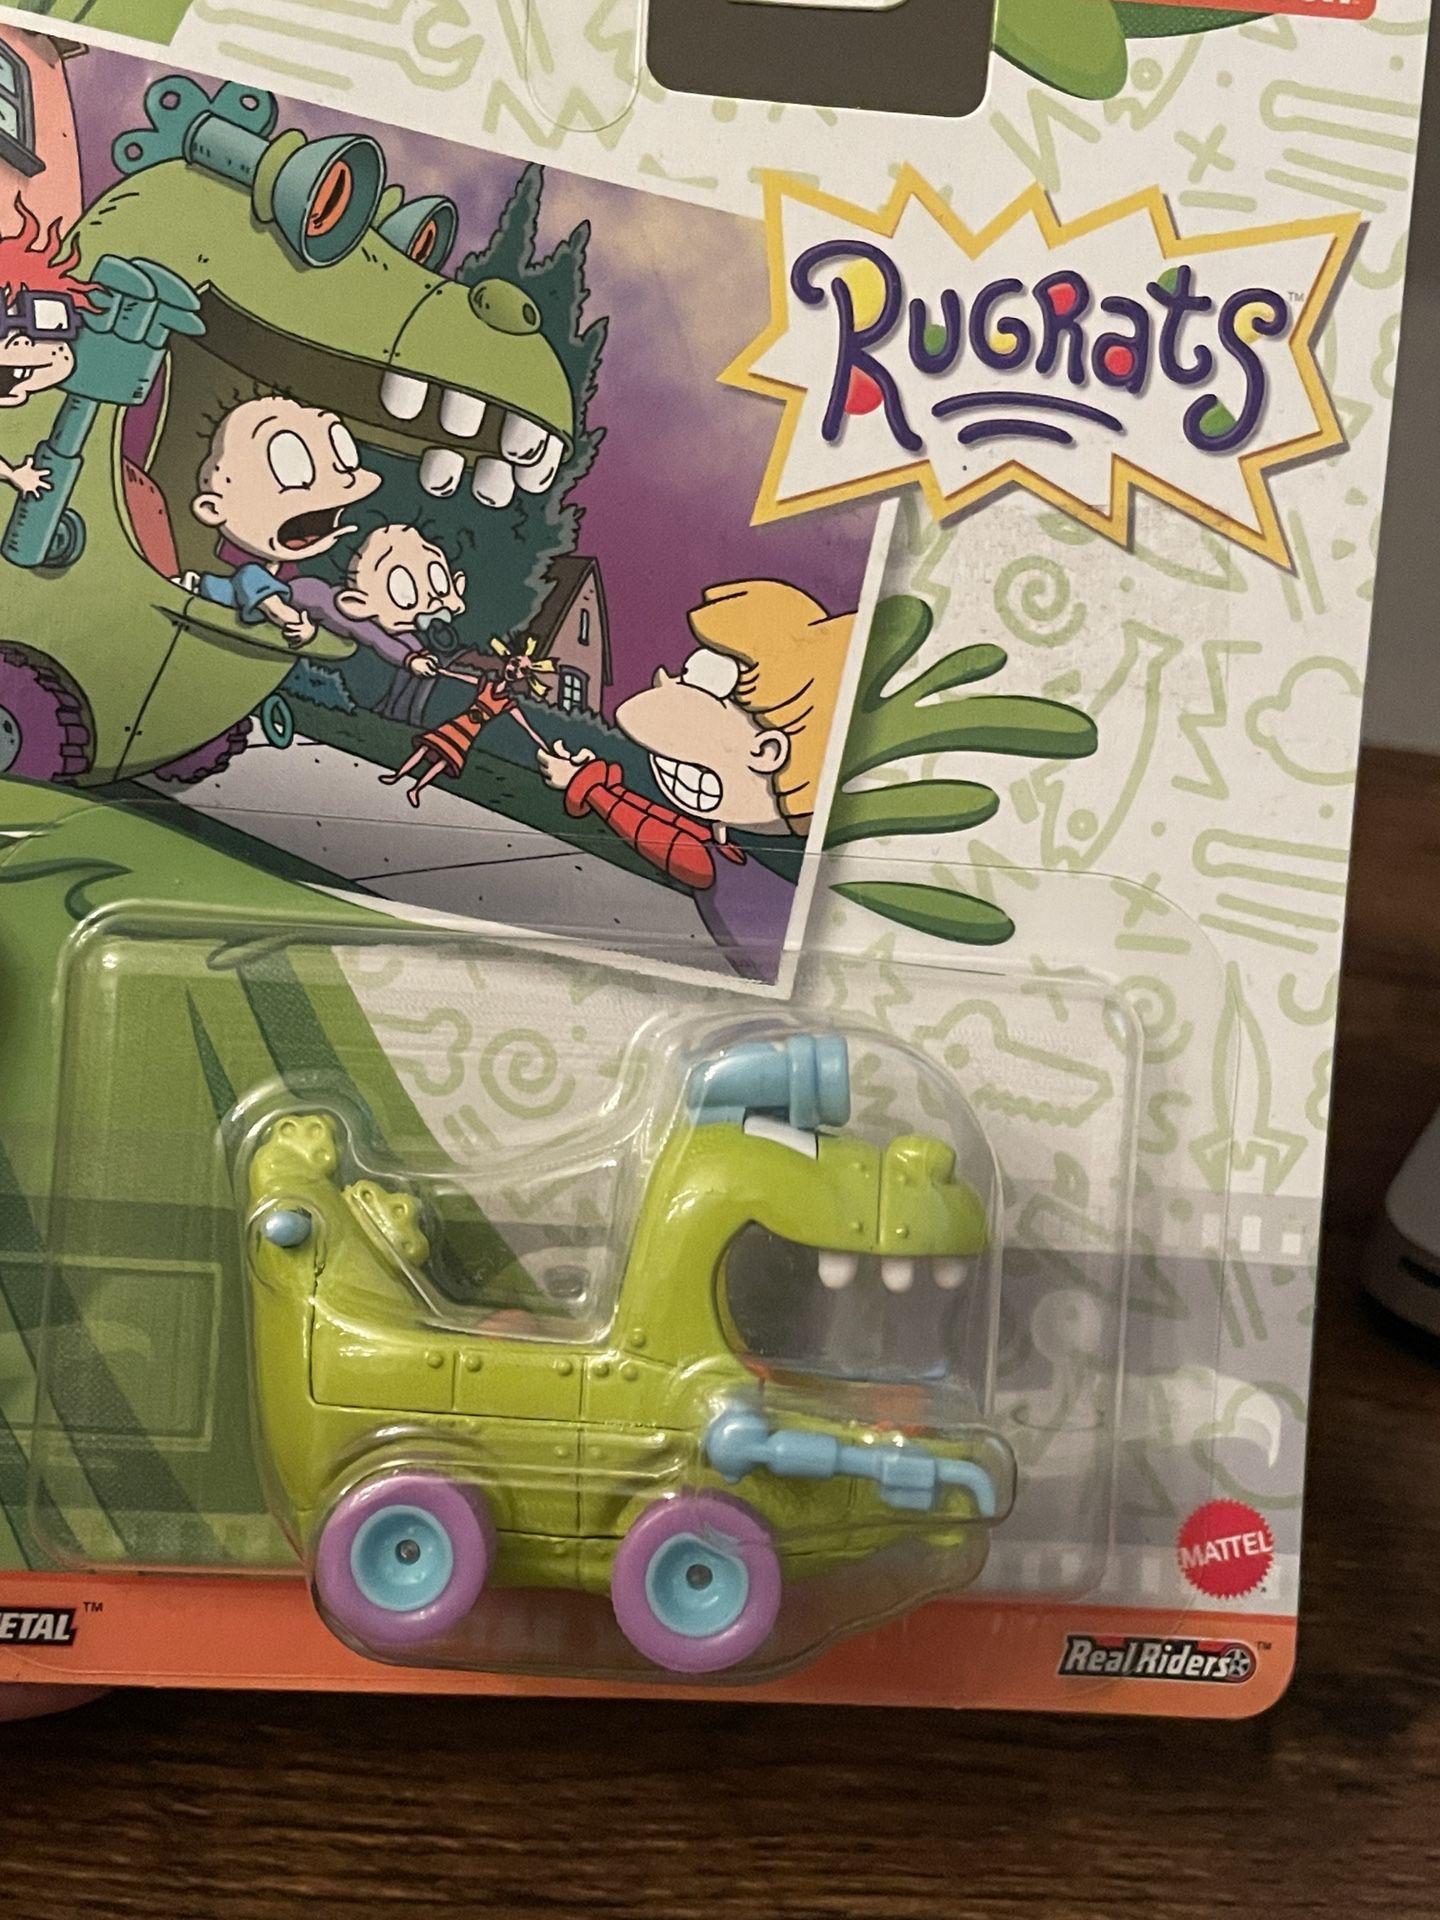 Hot Wheels Rugrats Reptar Car